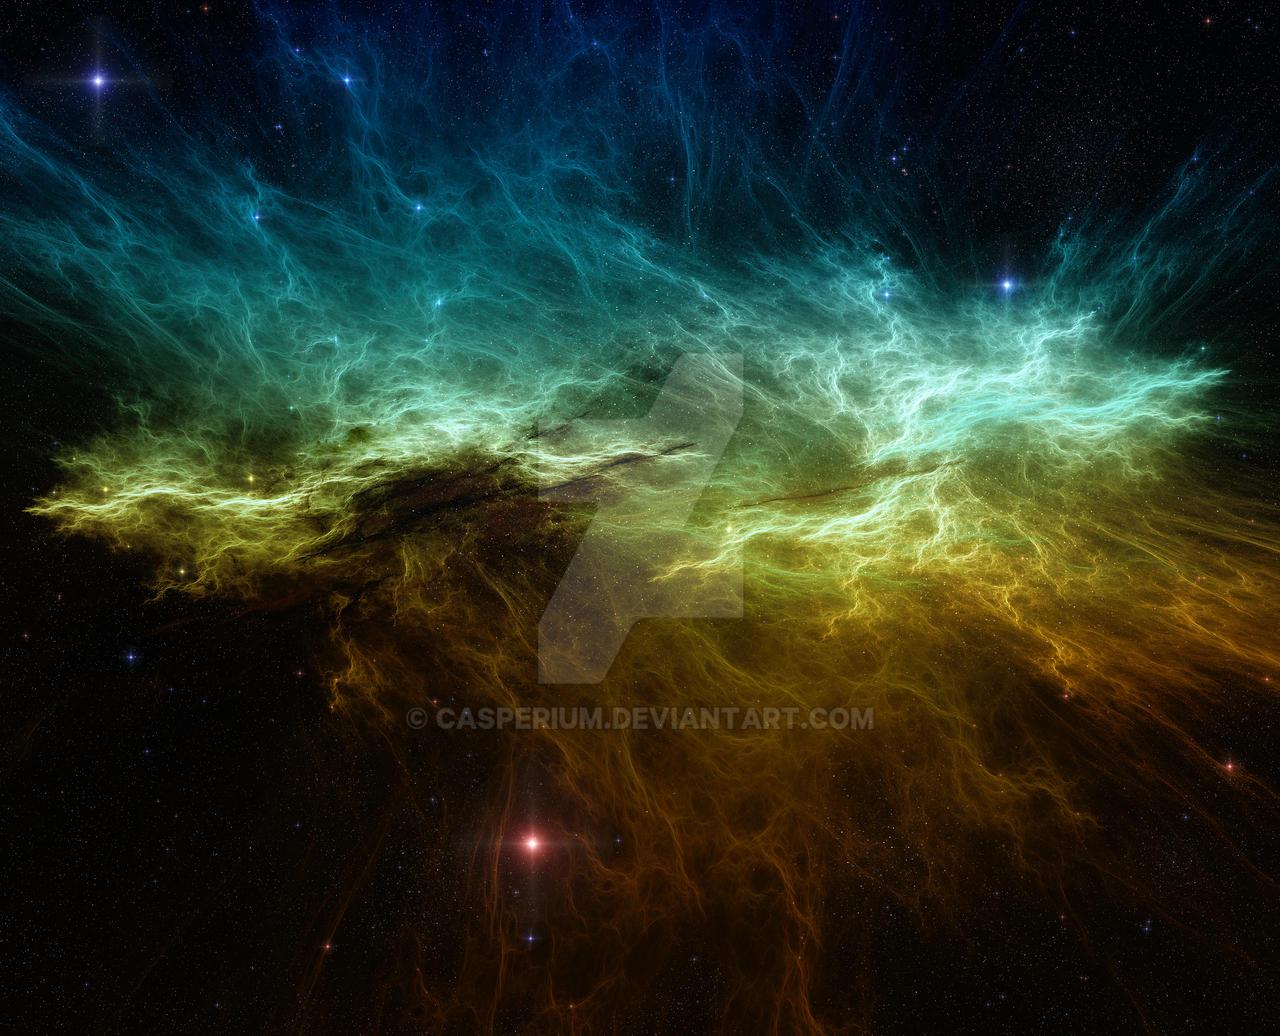 Drustan's Nebula